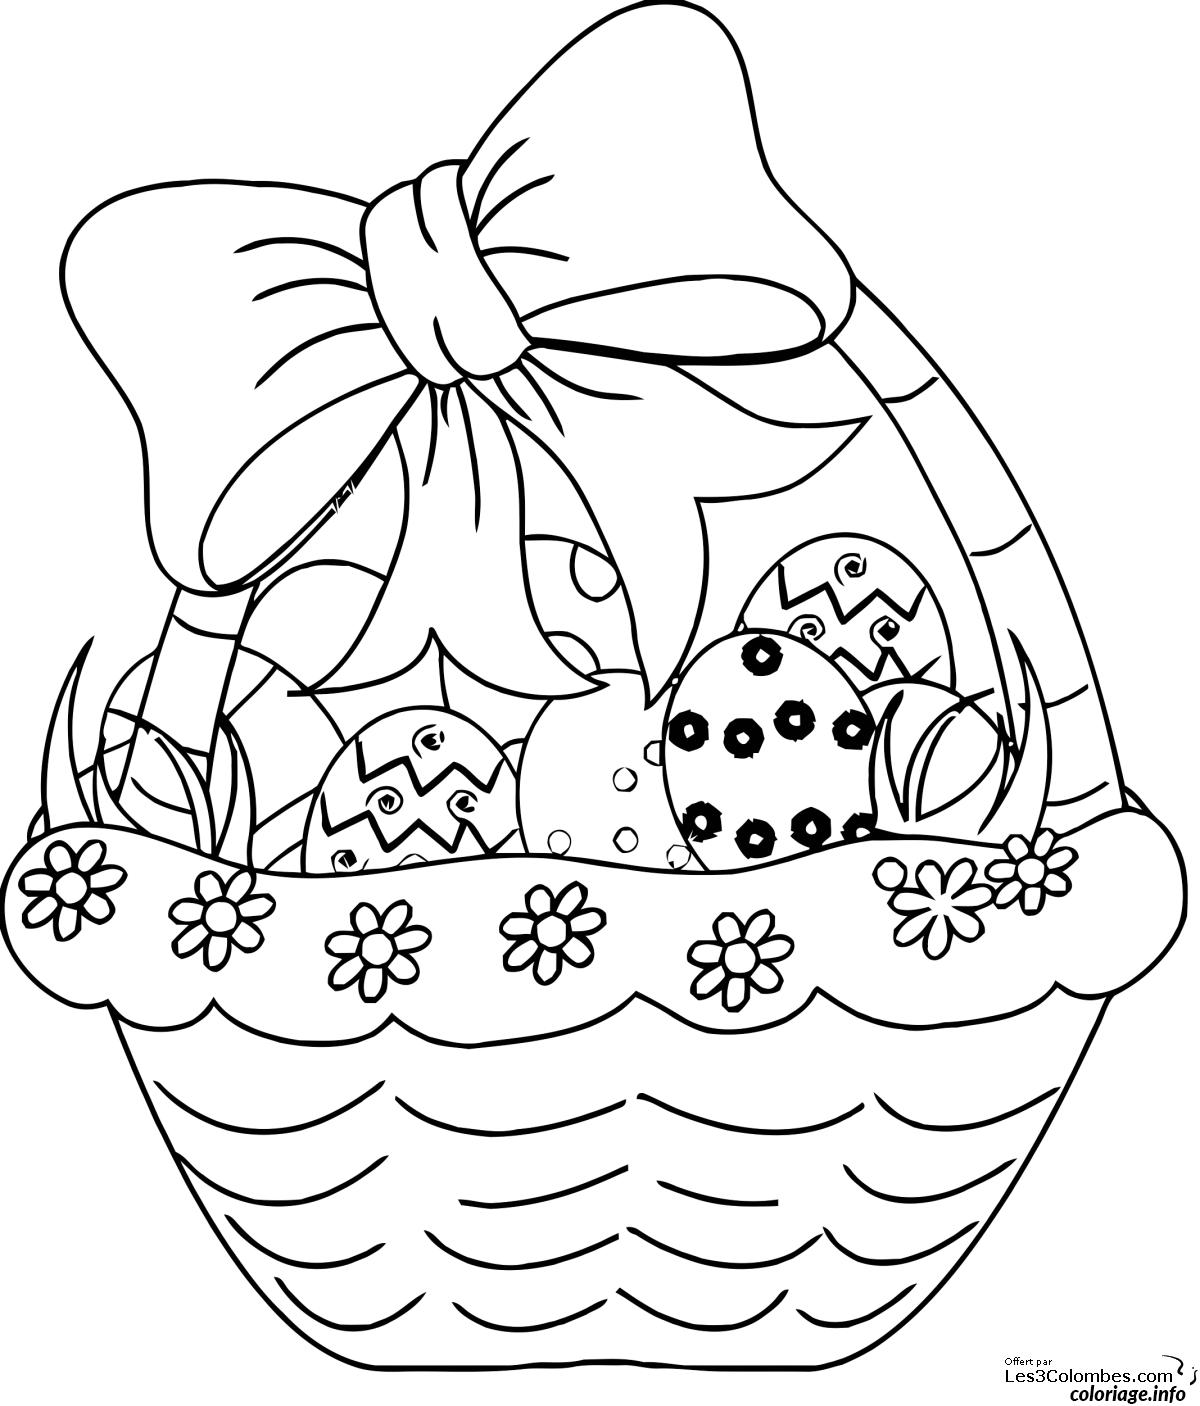 Coloriage dessin paques 30 dessin - Jeux de coloriage de paques ...